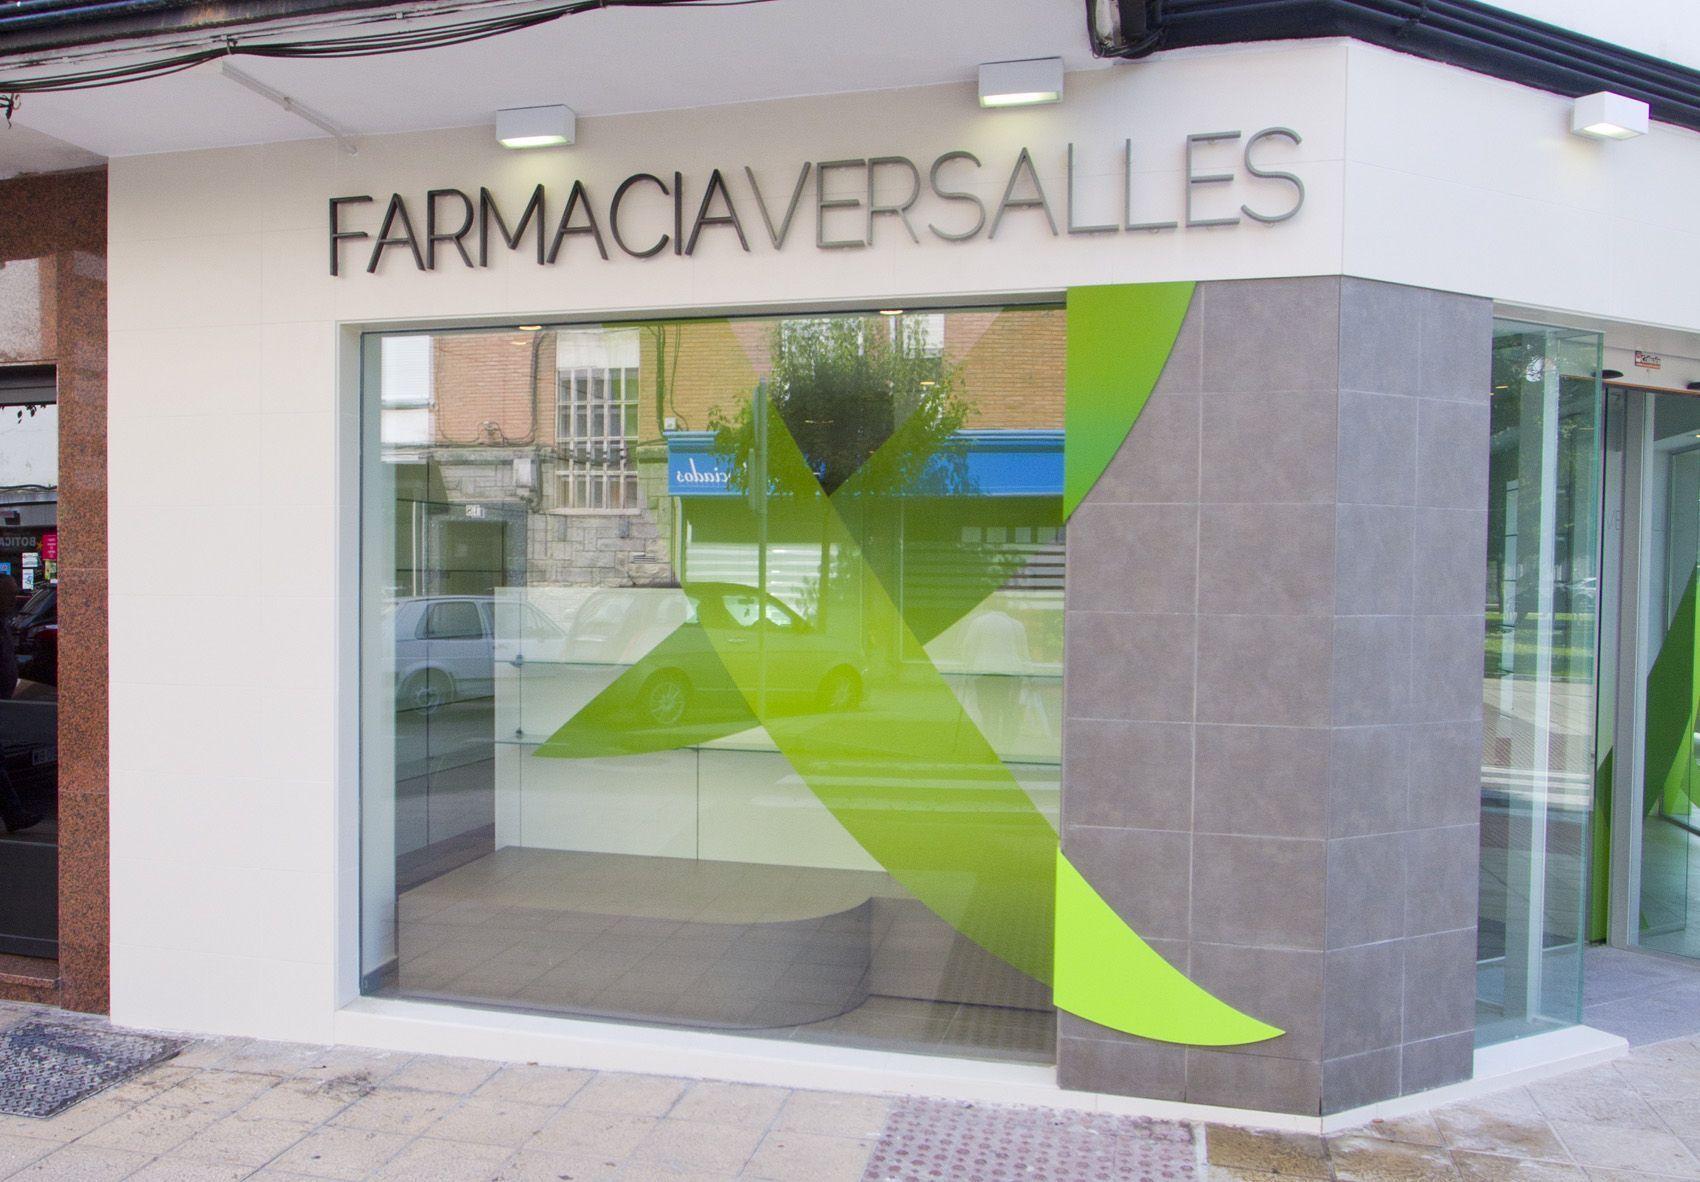 Farmacia Versalles Aviles Diseno De Farmacia Farmacia Disenos